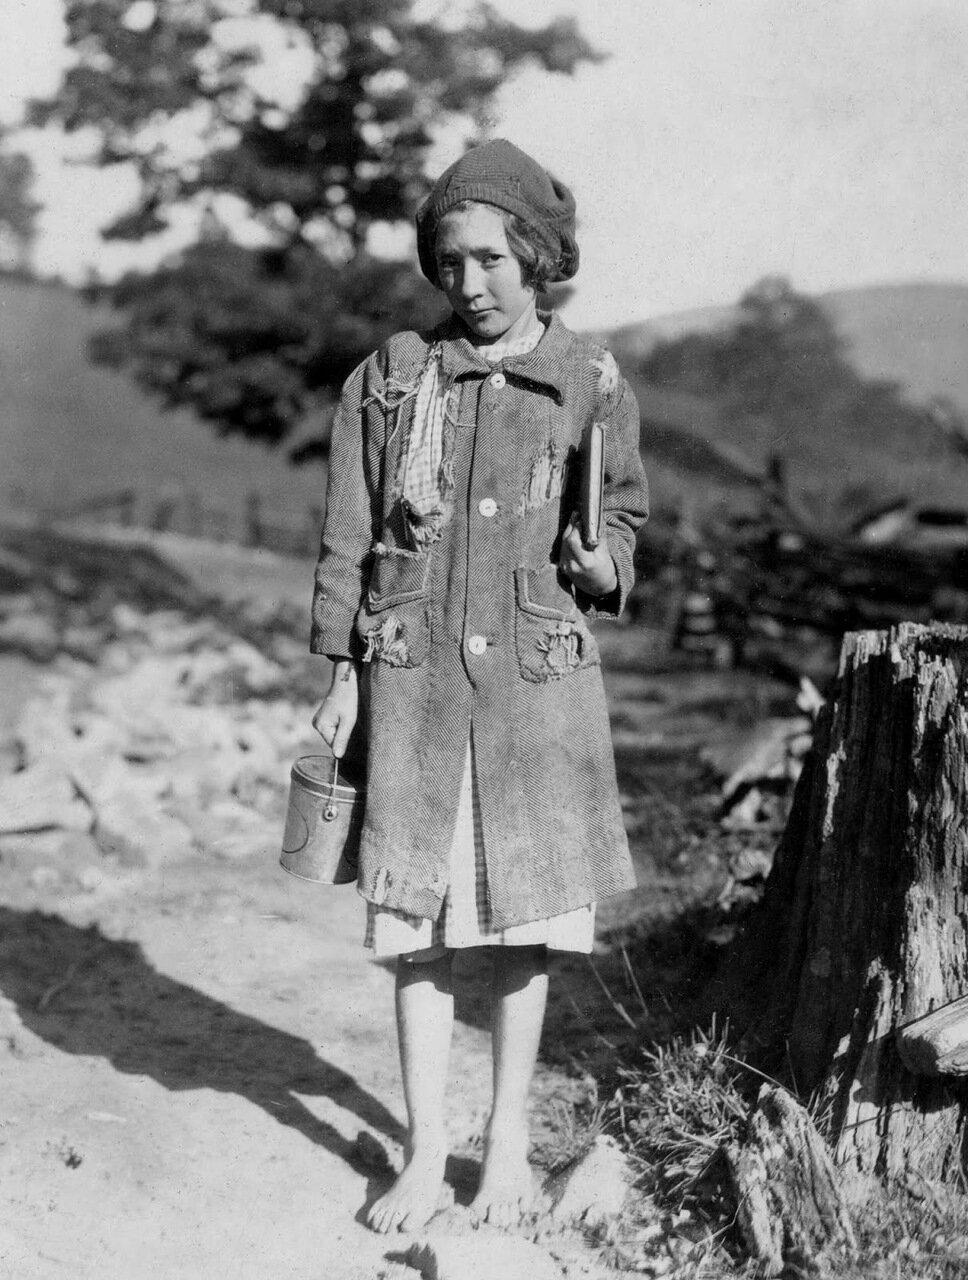 Один из бедных девочек округа по дороге в школу. Она из семейства Олдричей, Марлинтон, Западная Вирджиния, 1921